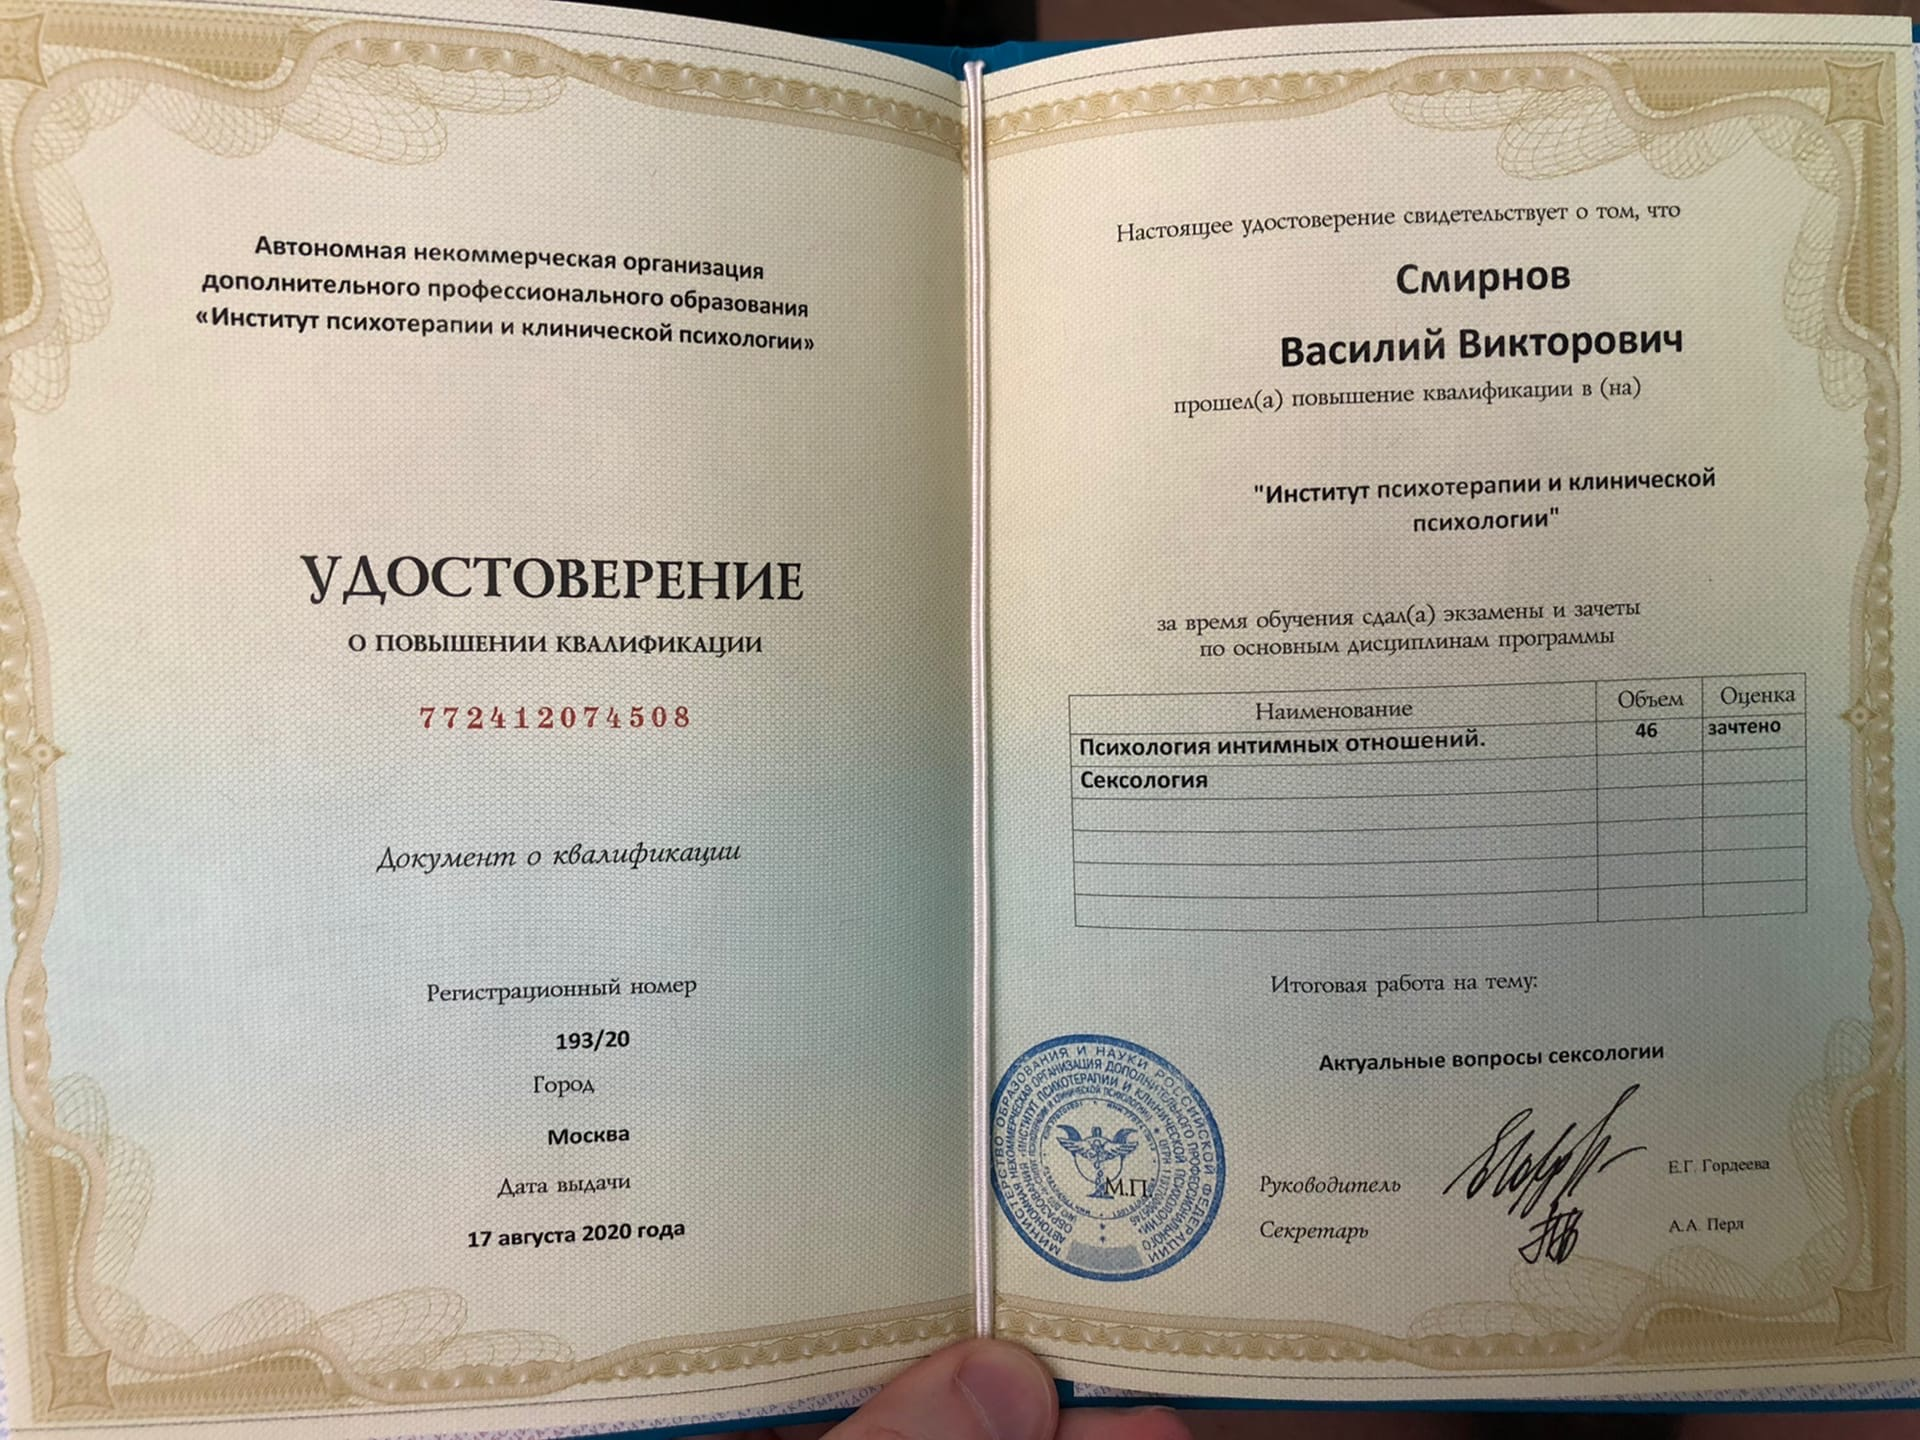 сертификат сексология